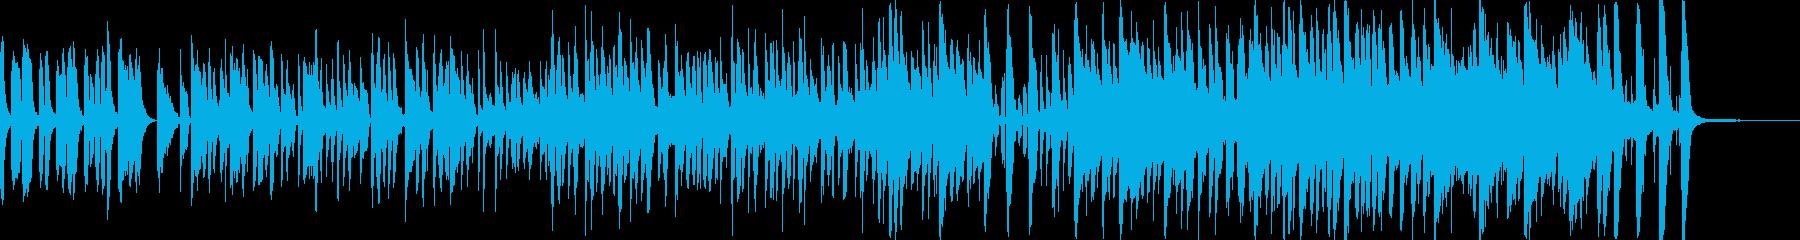 ポップでコミカルな日常曲の再生済みの波形